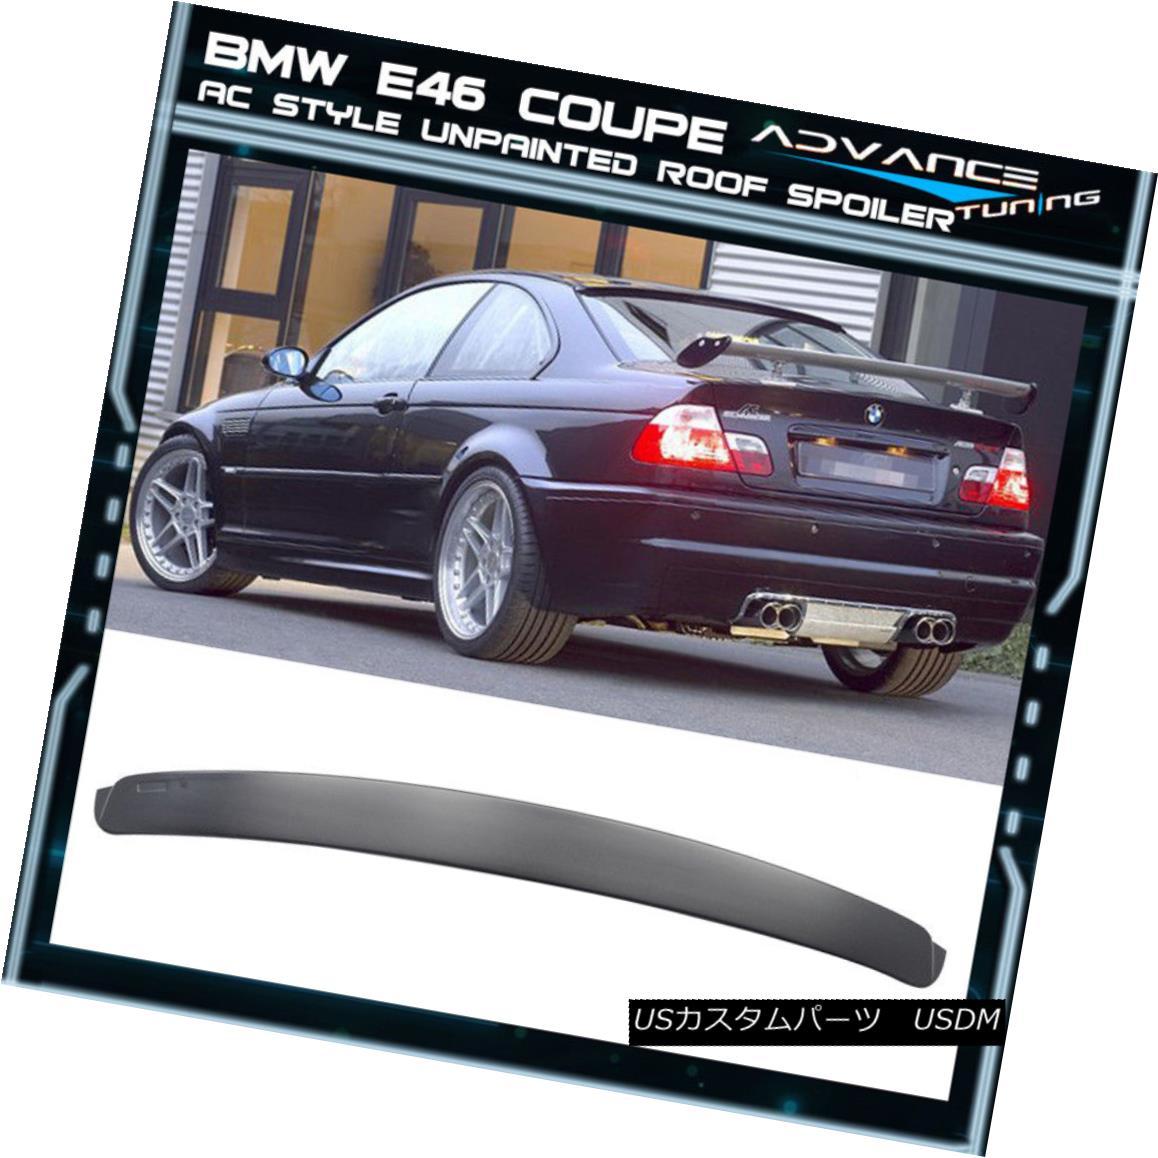 エアロパーツ 99-05 BMW E46 3-Series M3 Coupe 2Dr 2Door Unpainted ABS AC Rear Roof Spoiler 99-05 BMW E46 3シリーズM3クーペ2Dr 2ドア無塗装ABS ACリアルーフスポイラー